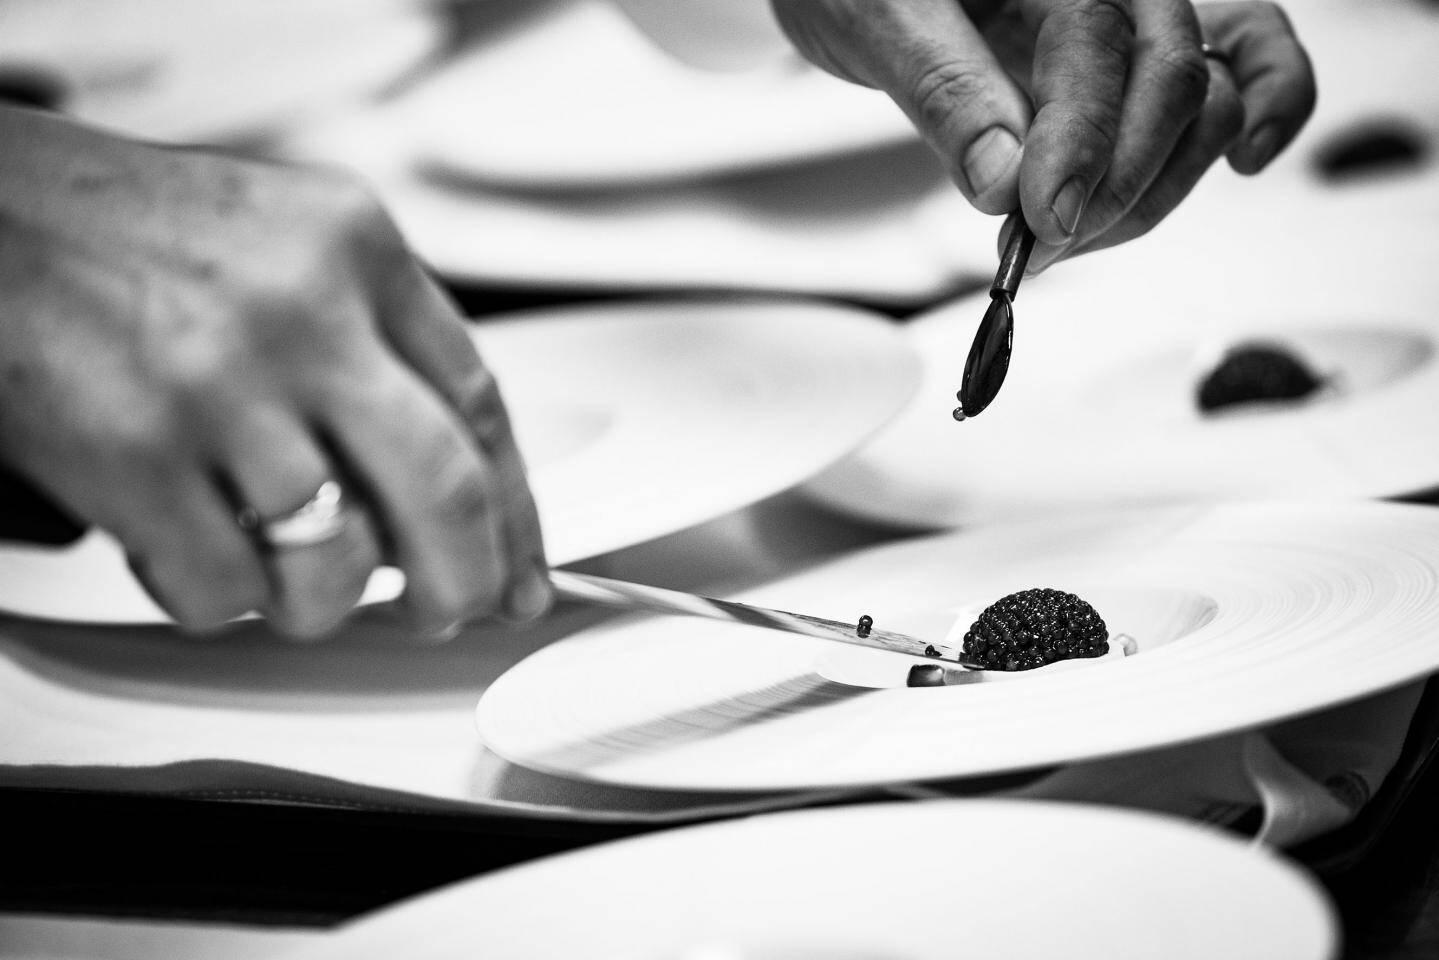 Un ceviche de langoustines aux perles noires de caviar. Langoustines pêchées, sous le Musée océanographique, par le dernier pêcheur de Monaco, Eric Rinaldi.